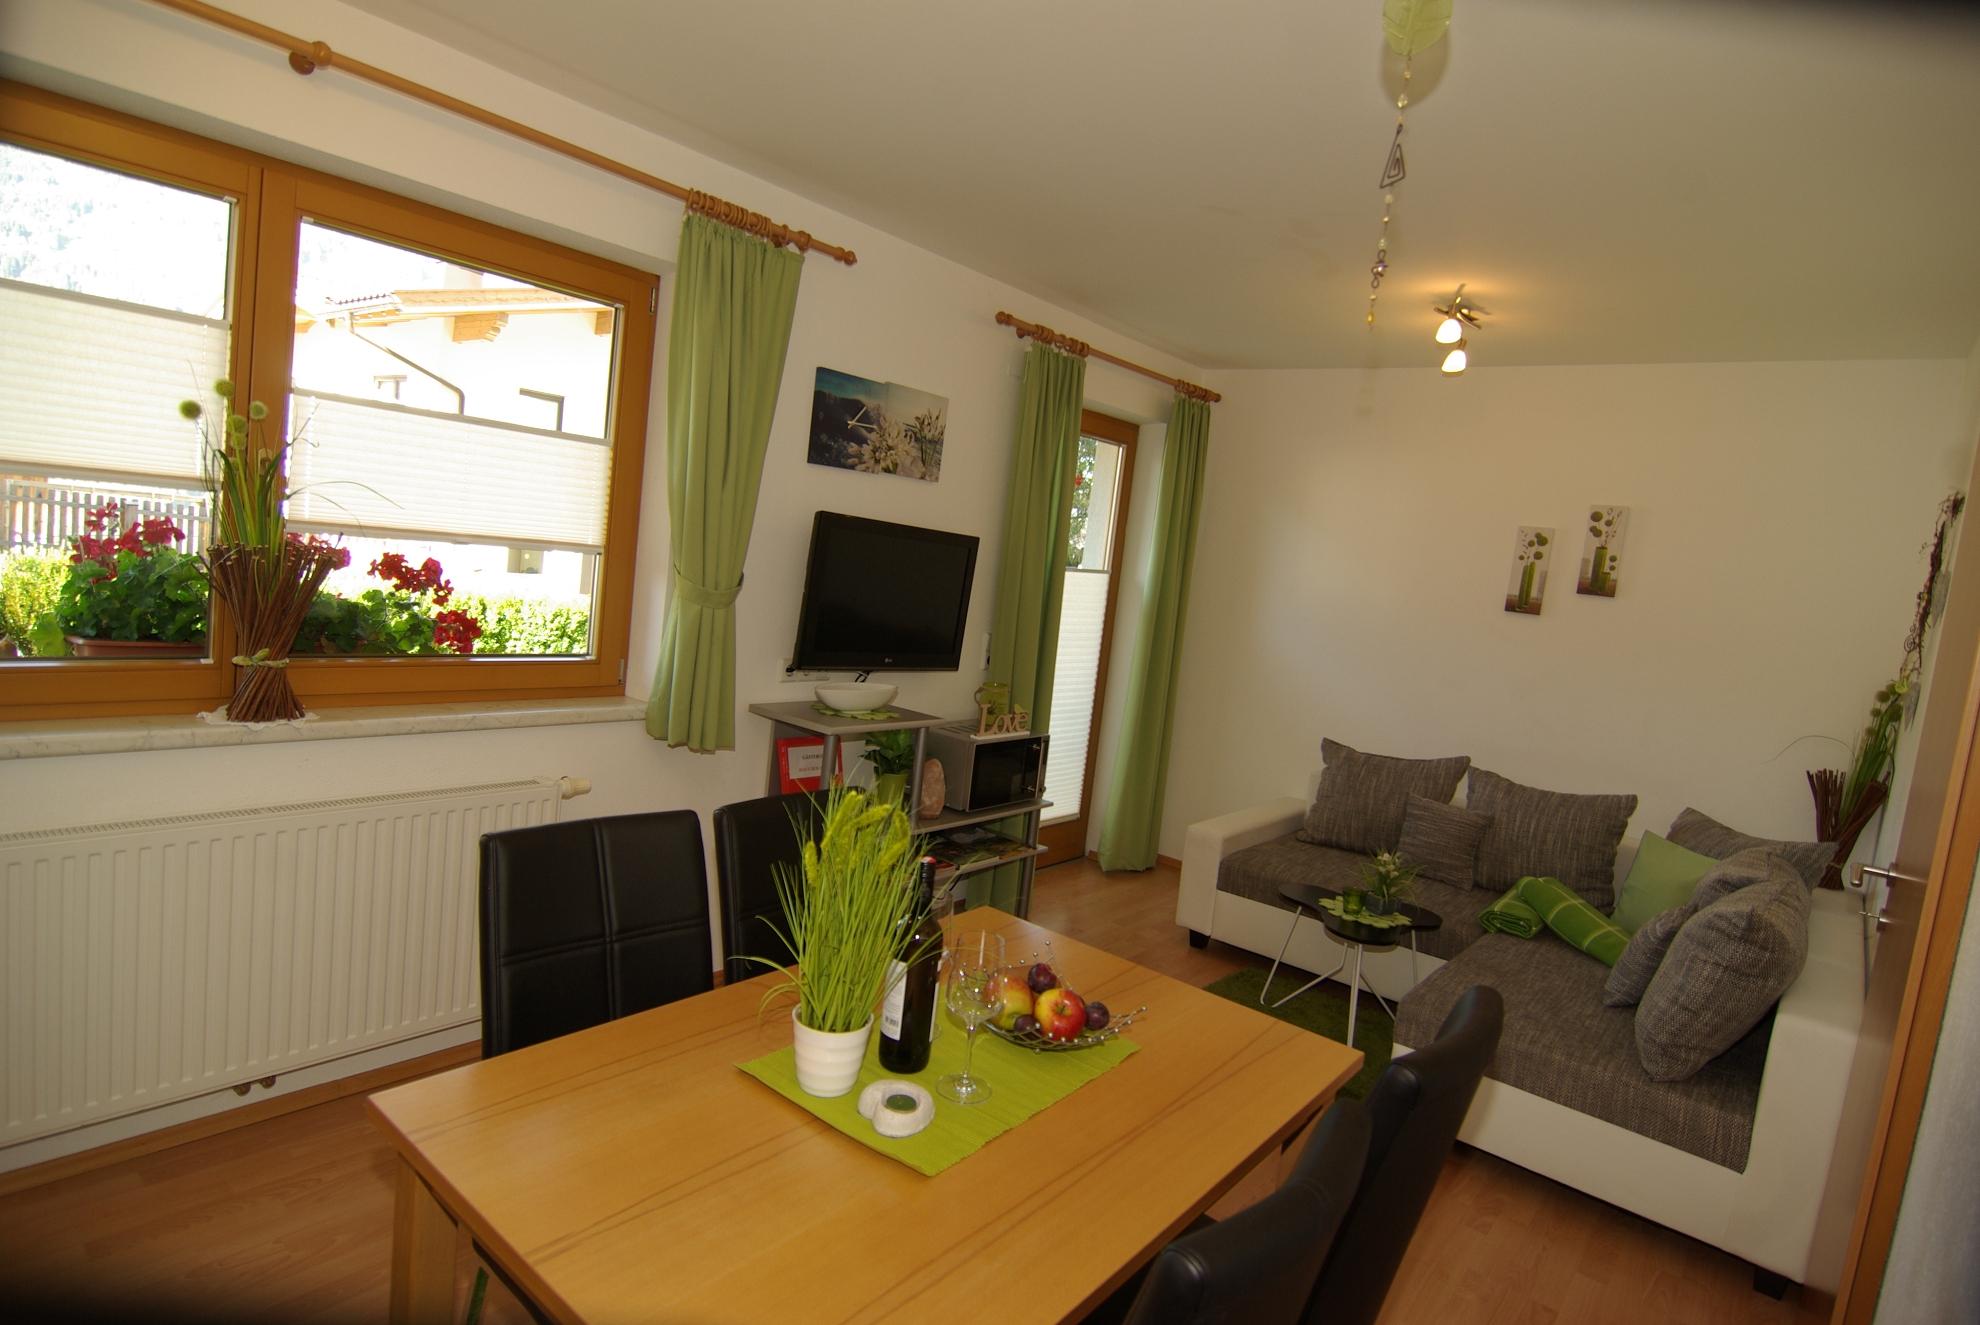 Good Die Wohnung Ist Mit Neuen Möbeln Gut Und Freundlich Eingerichtet.